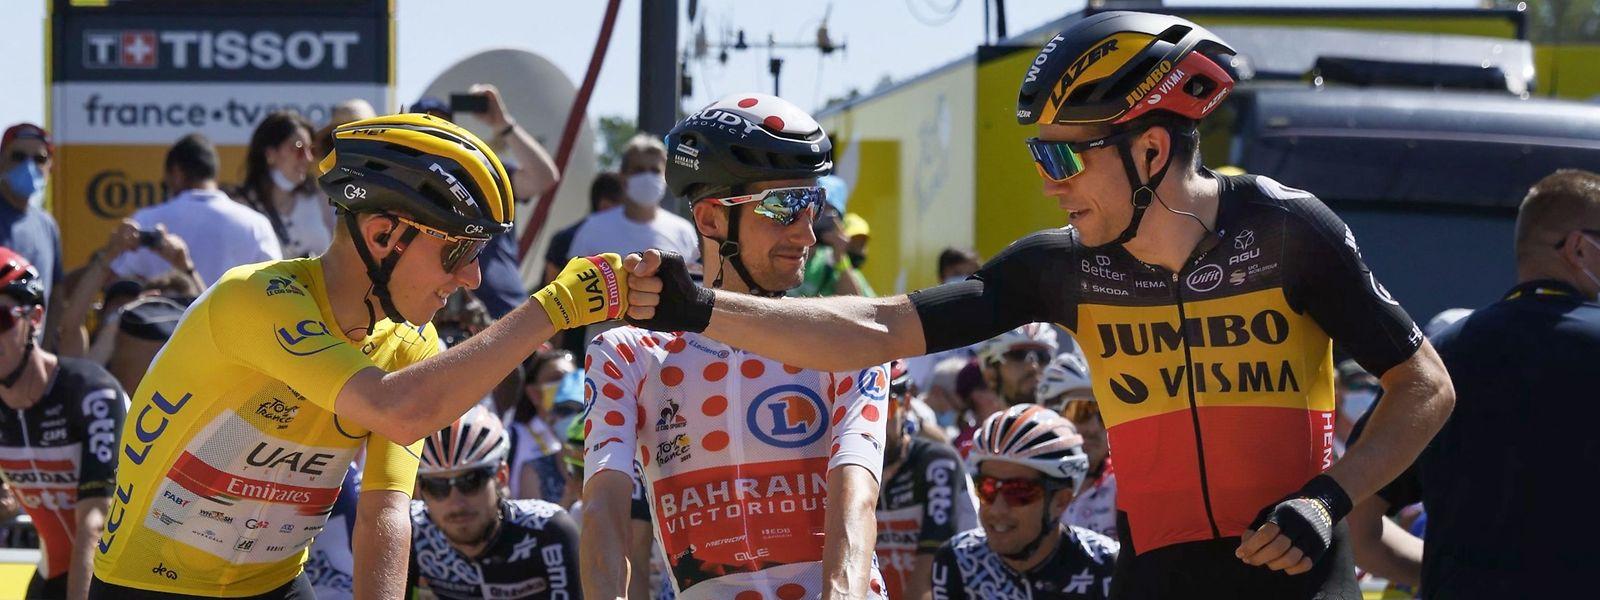 """Jusqu'au bout, le Belge Van Aert (à droite) aura montré qu'il aurait bientôt l'étoffe d'un vainqueur de la """"Grande Boucle""""."""